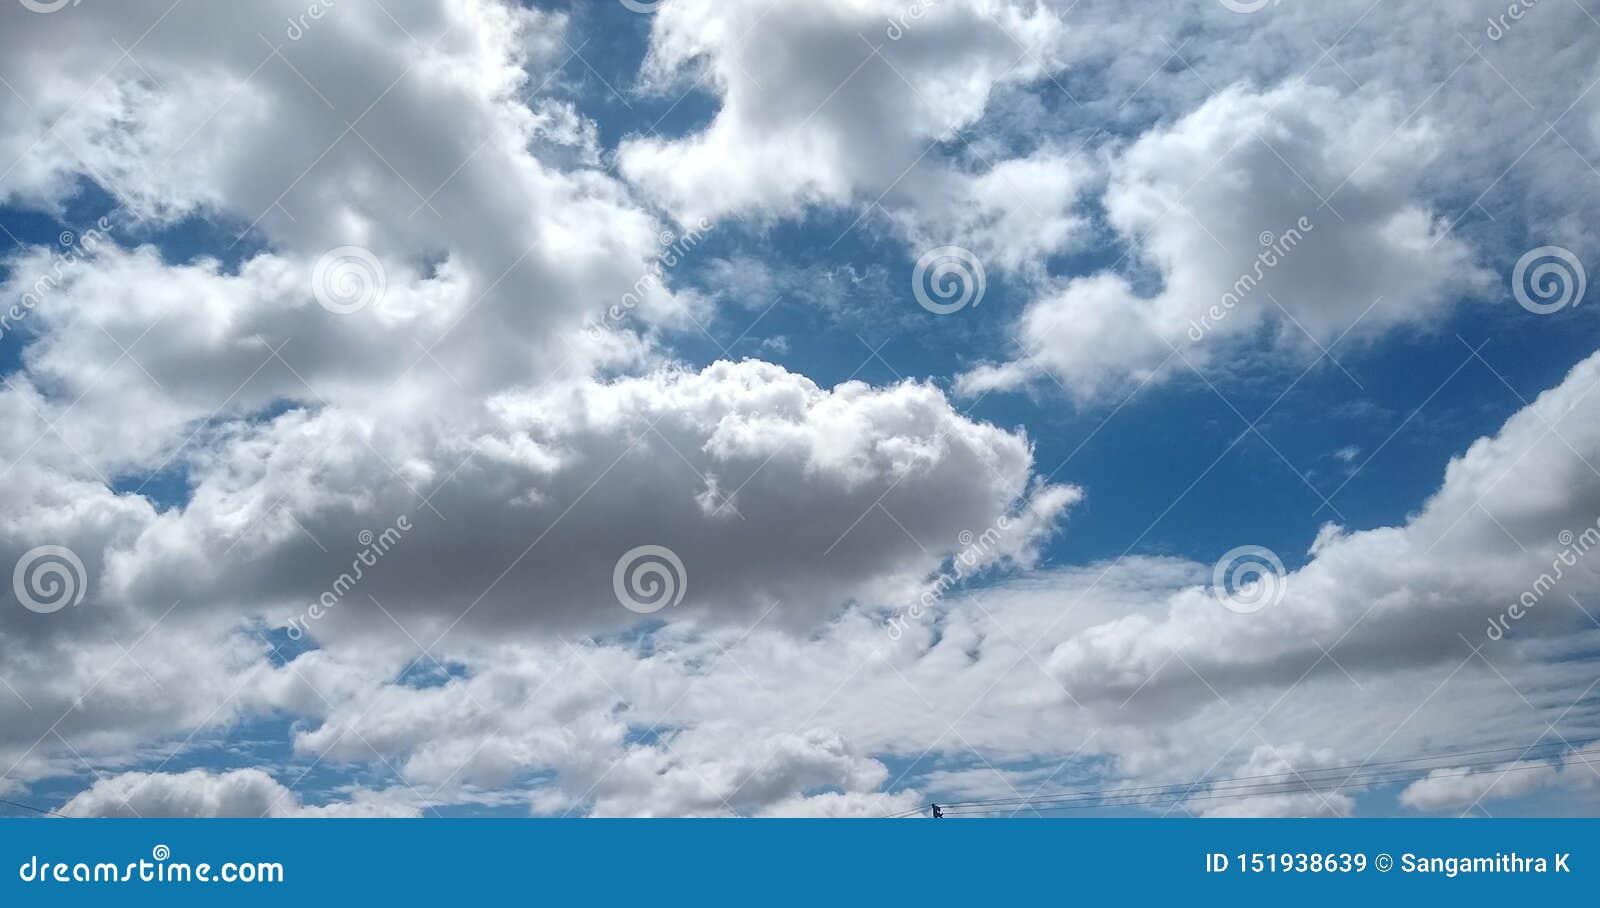 Голубое небо делает улыбку с белыми зубами